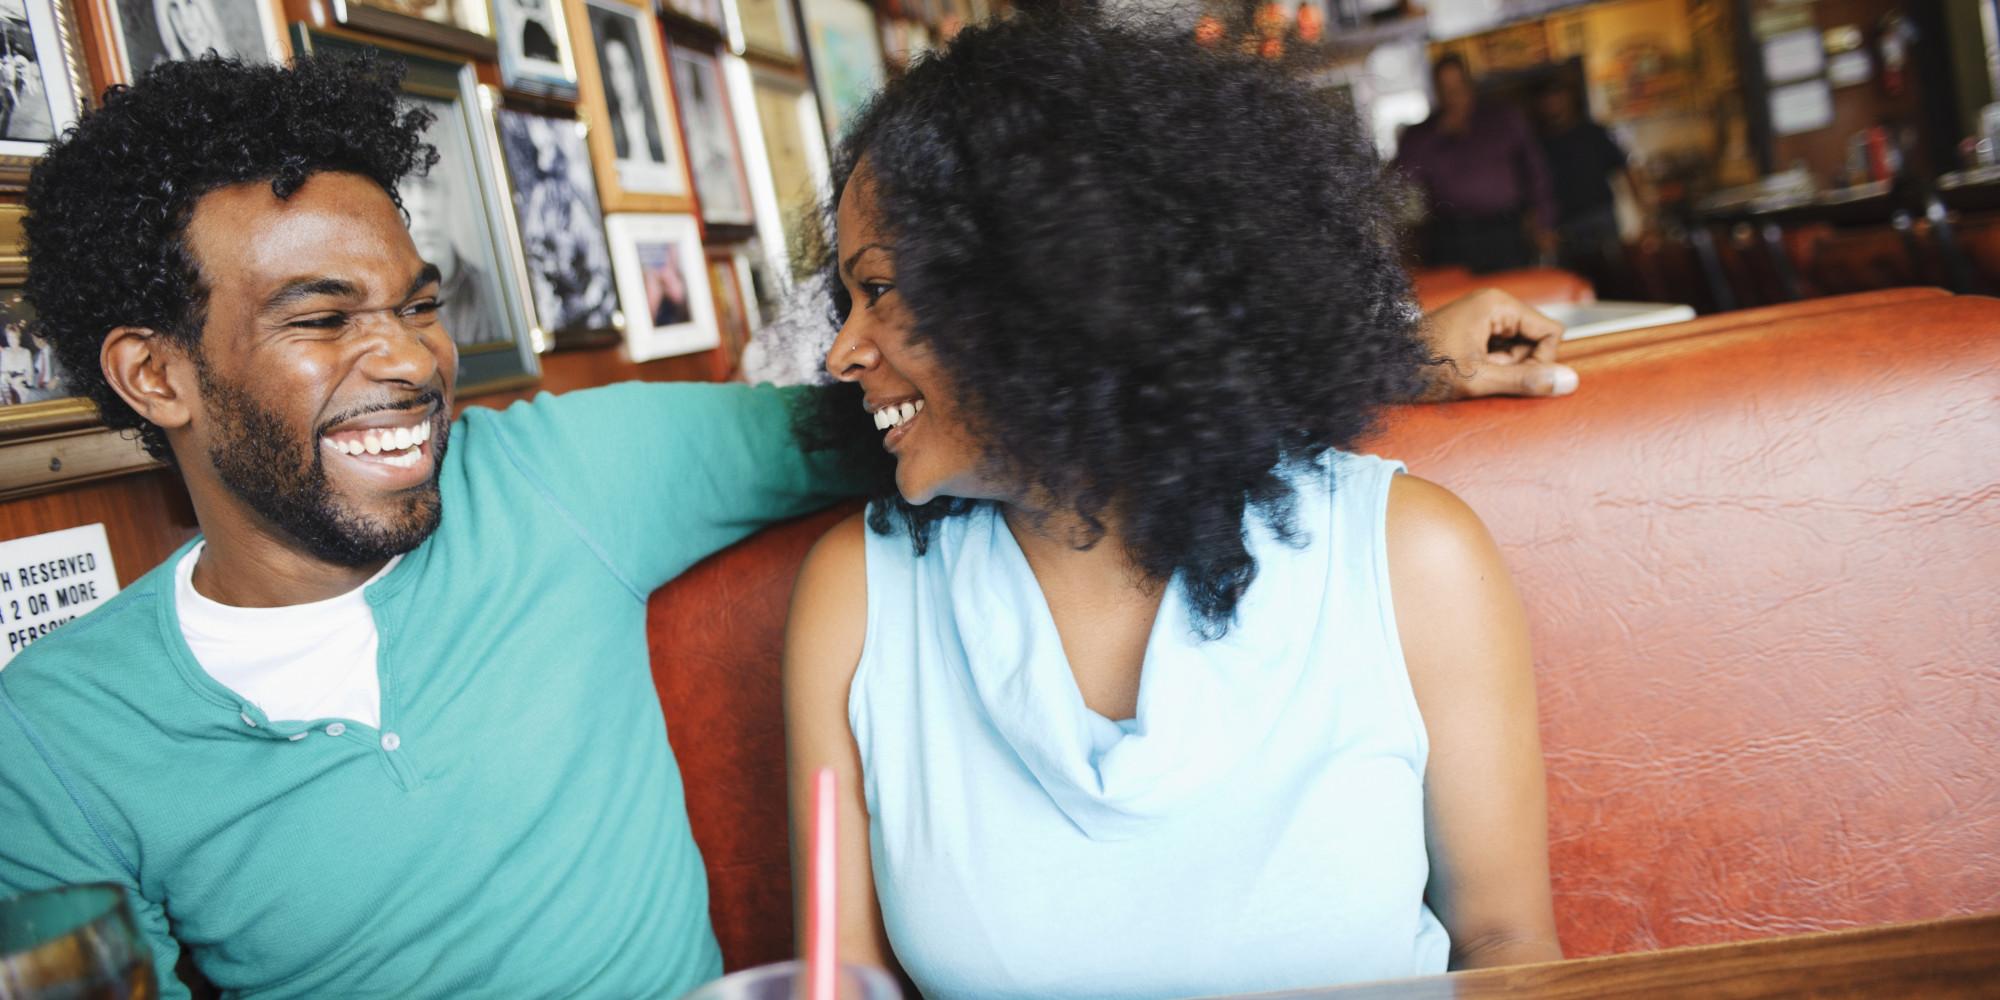 Miten tehdä hyvä mies dating profiili